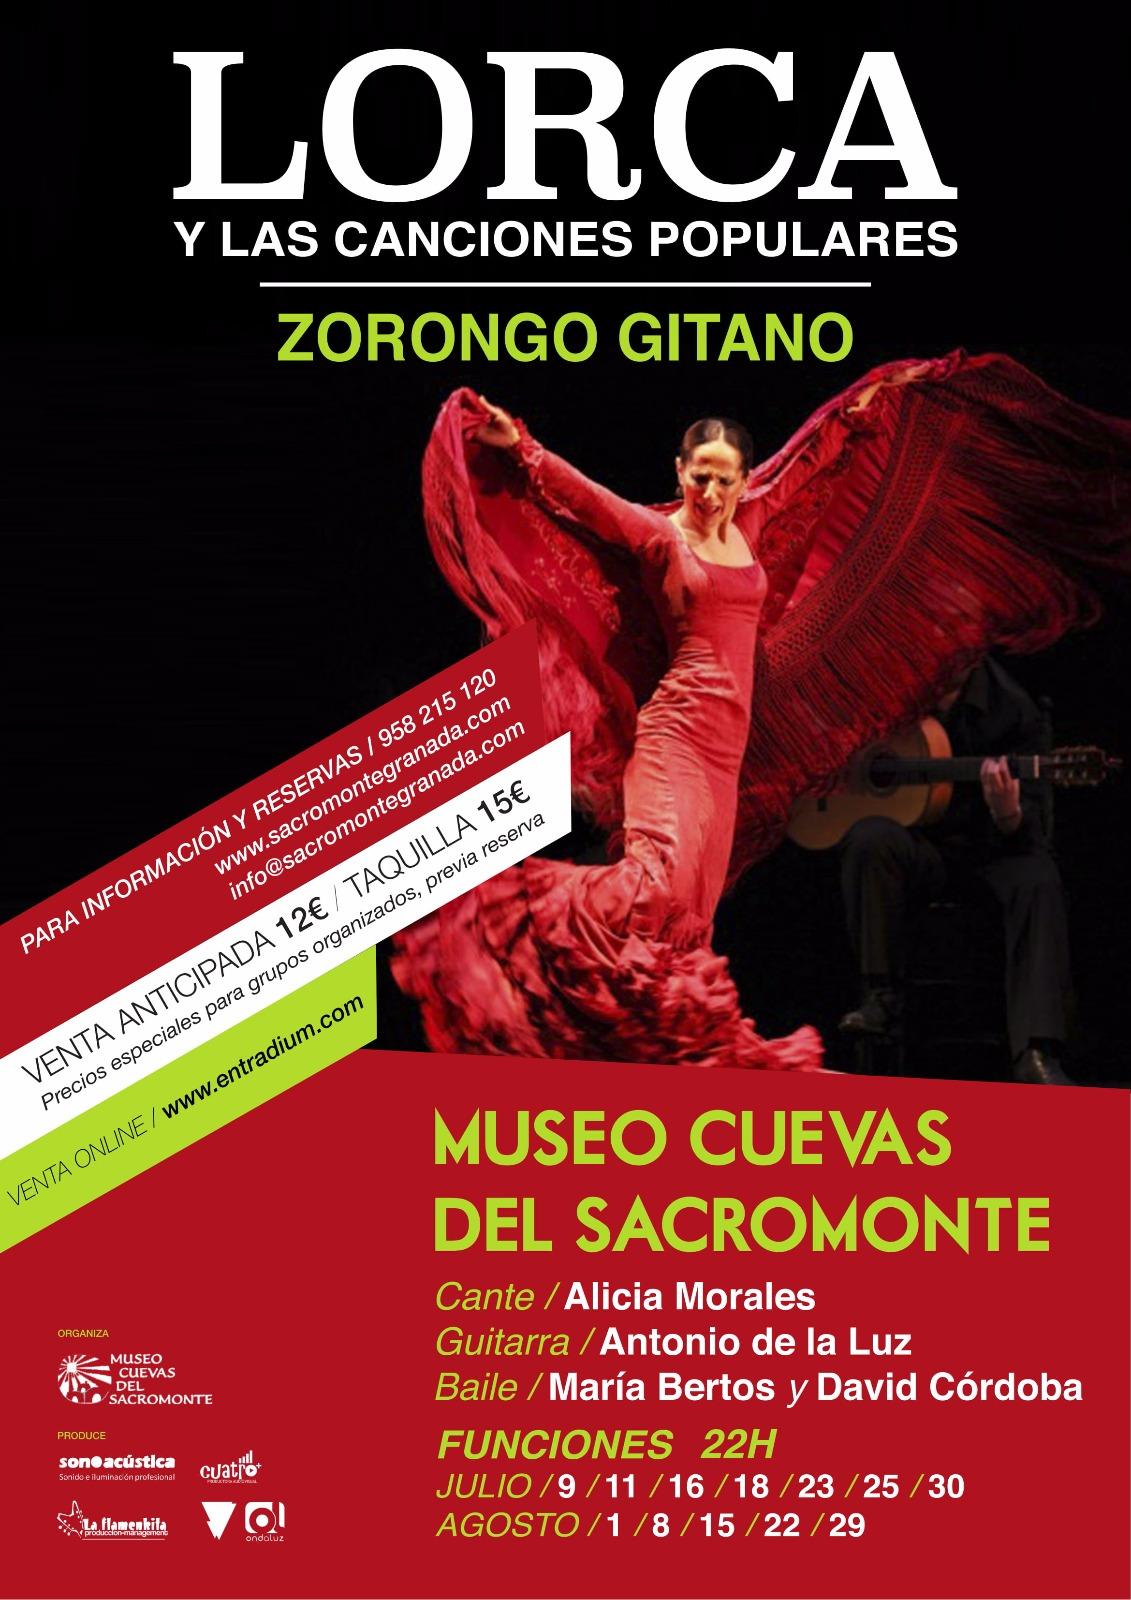 Ven y disfruta del flamenco en el Museo Cuevas del Sacromonte